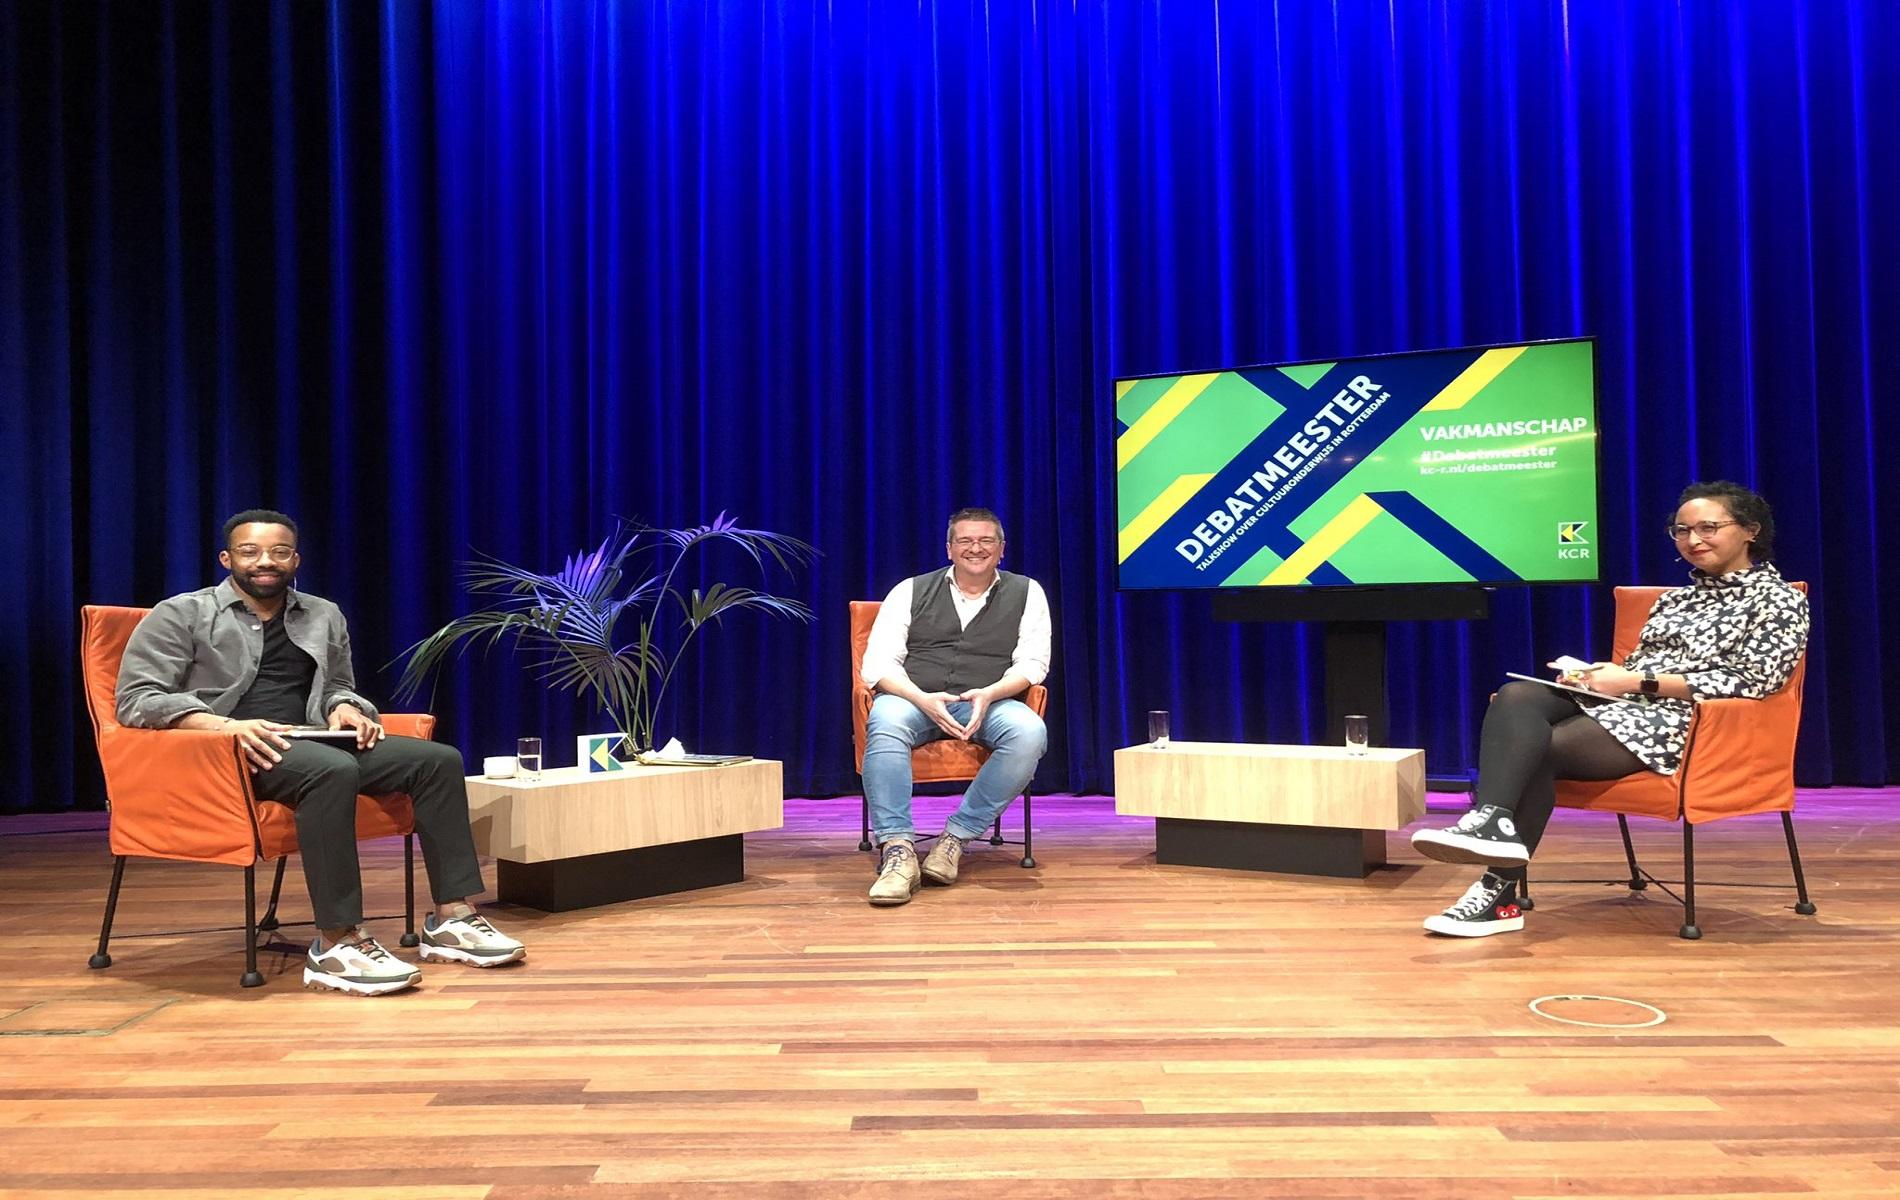 plaatje van Iko Doeland in talkshow over Vakmanschap